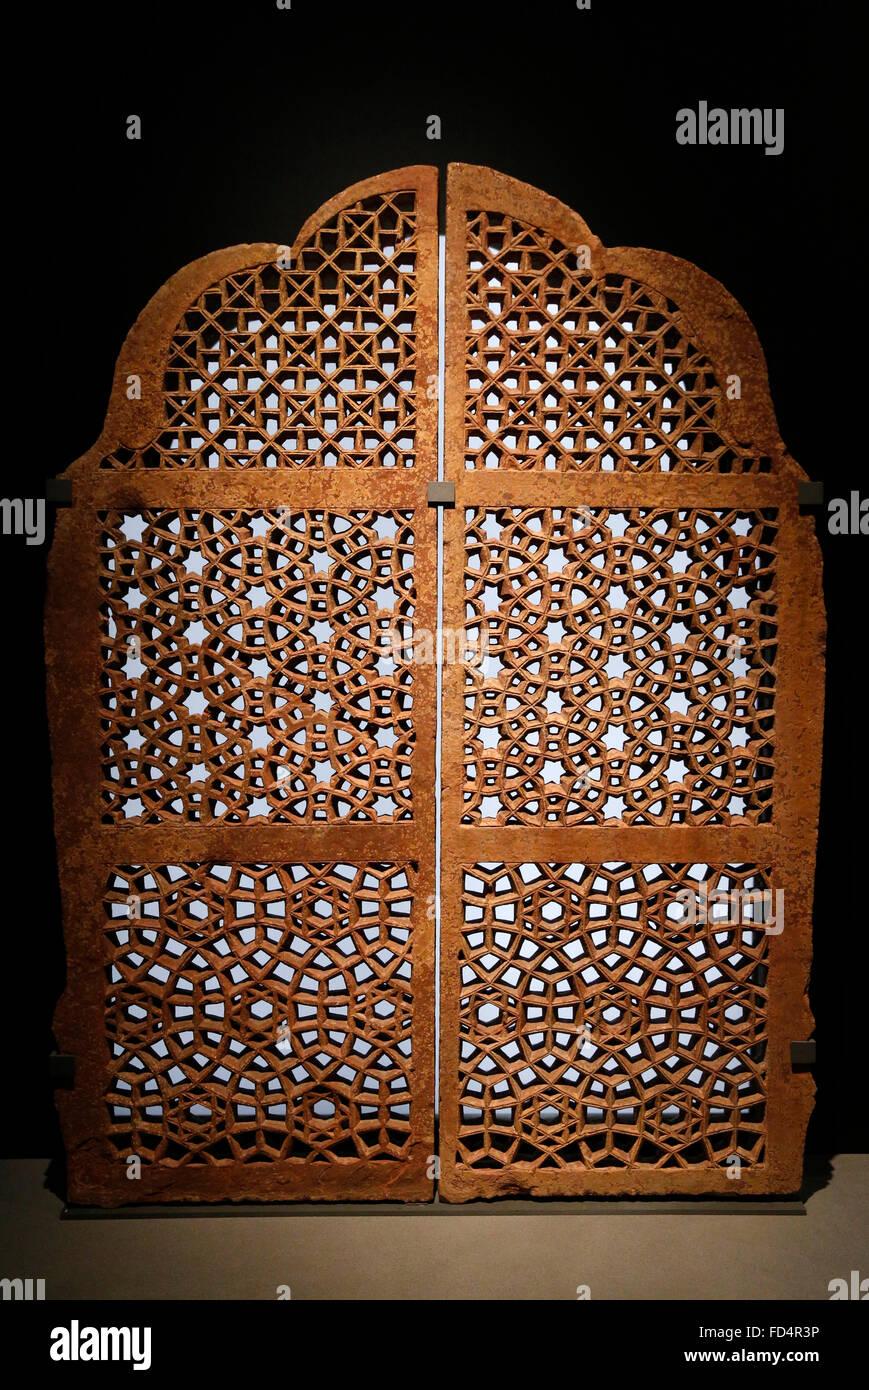 La India islámica. Jali con adornos floreados. Siglo xvii. El museo del Louvre. Imagen De Stock